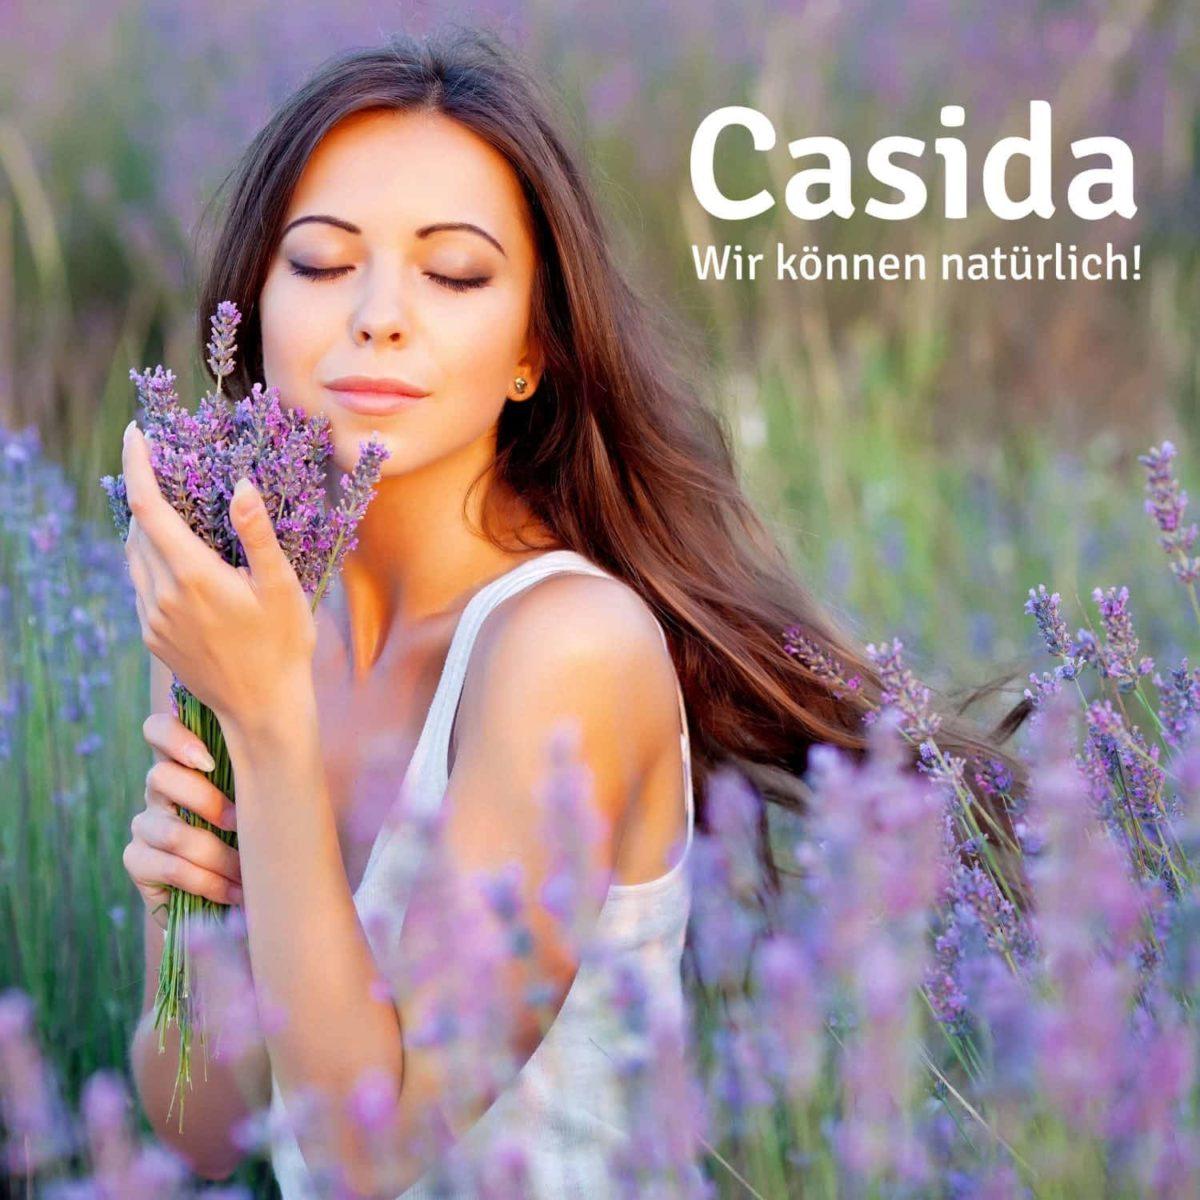 Casida Aromatherapie Profi Set A2058242 Roll On Sprühflasche 10 ml 20 ml 100 ml Tiegel Tropfflasche ätherische Öle Braunglas Blauglas8